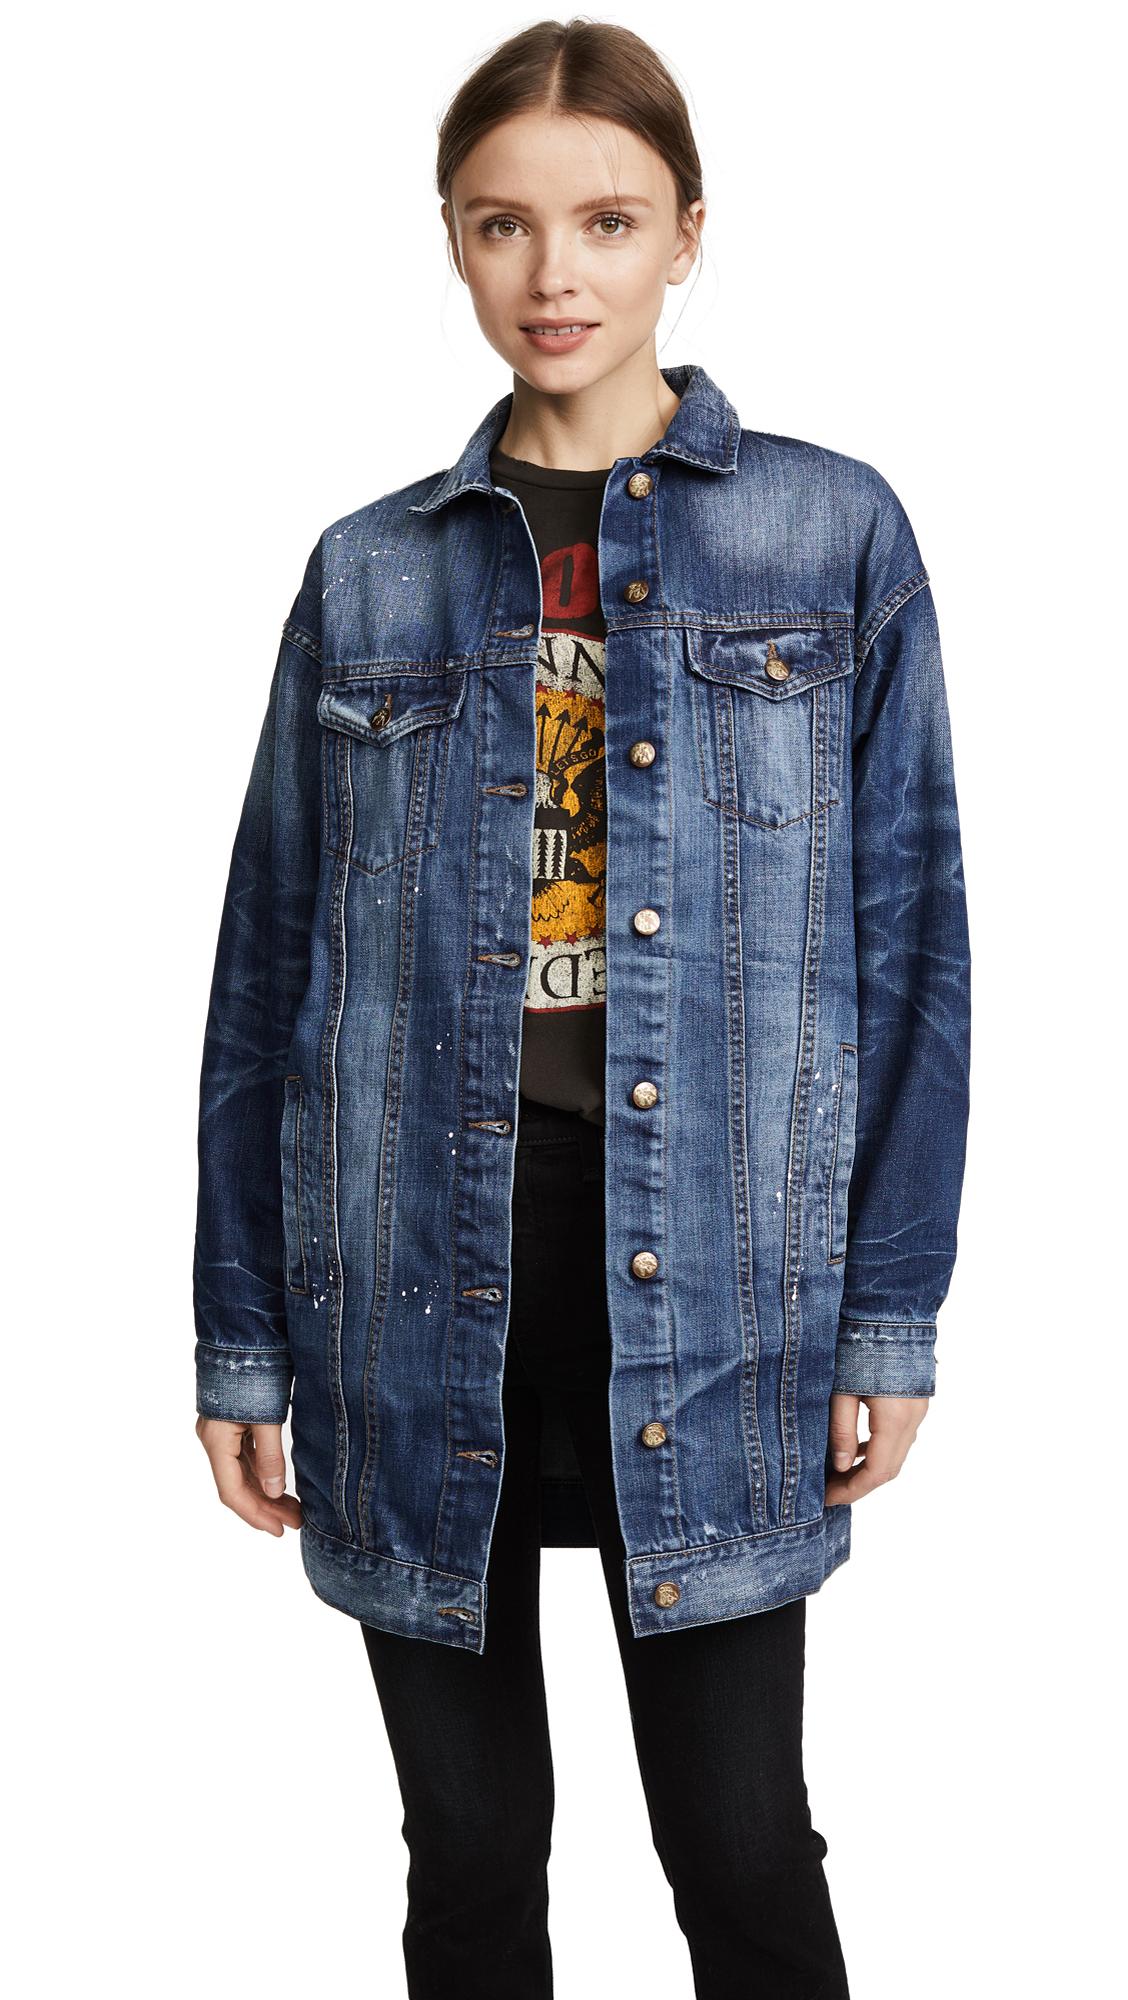 PRPS Oversized Jacket